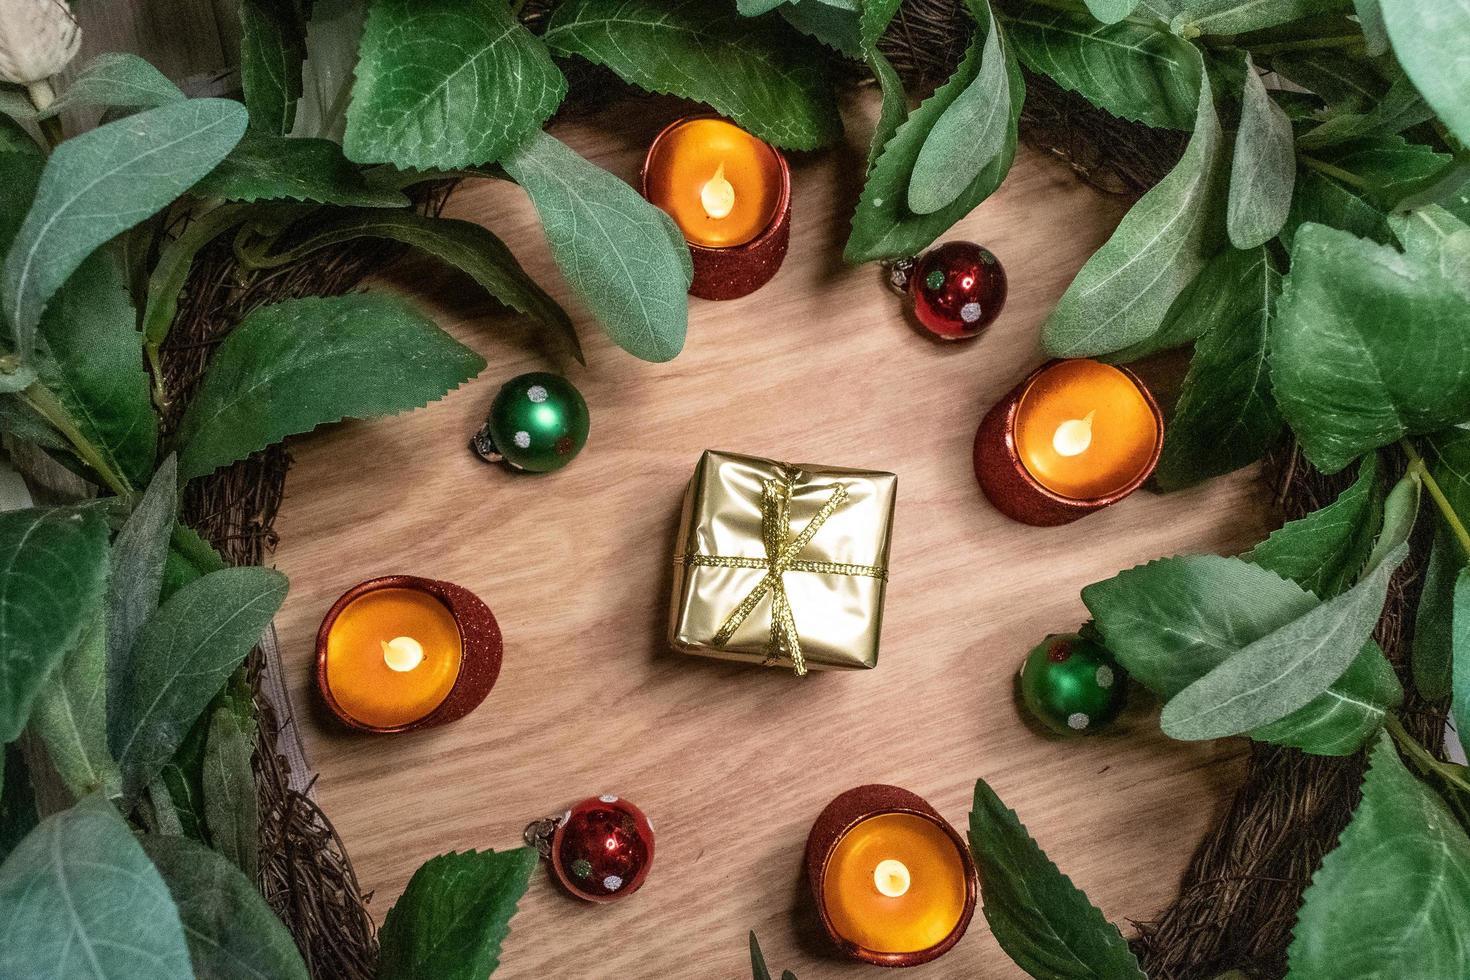 cadeau en or entouré d'ornements photo